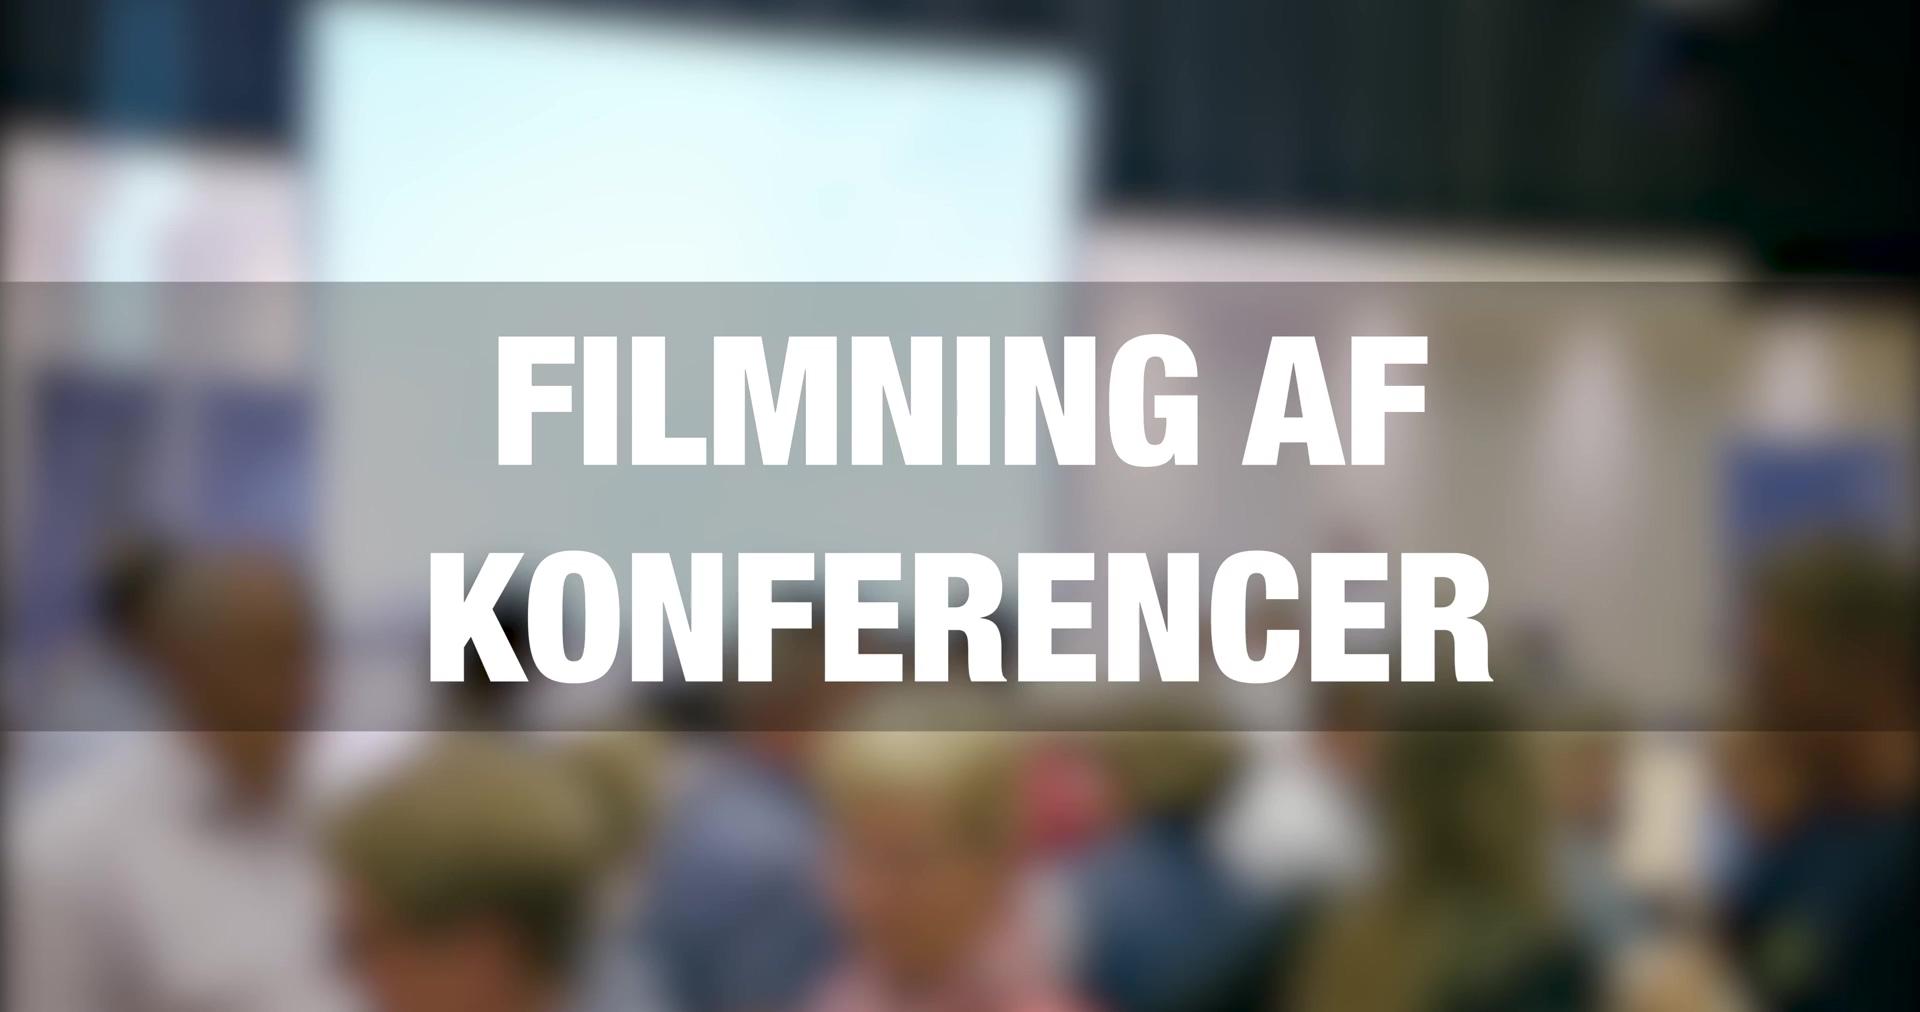 Sådan vælger du videoproduktionsselskab til filmning af konferencer